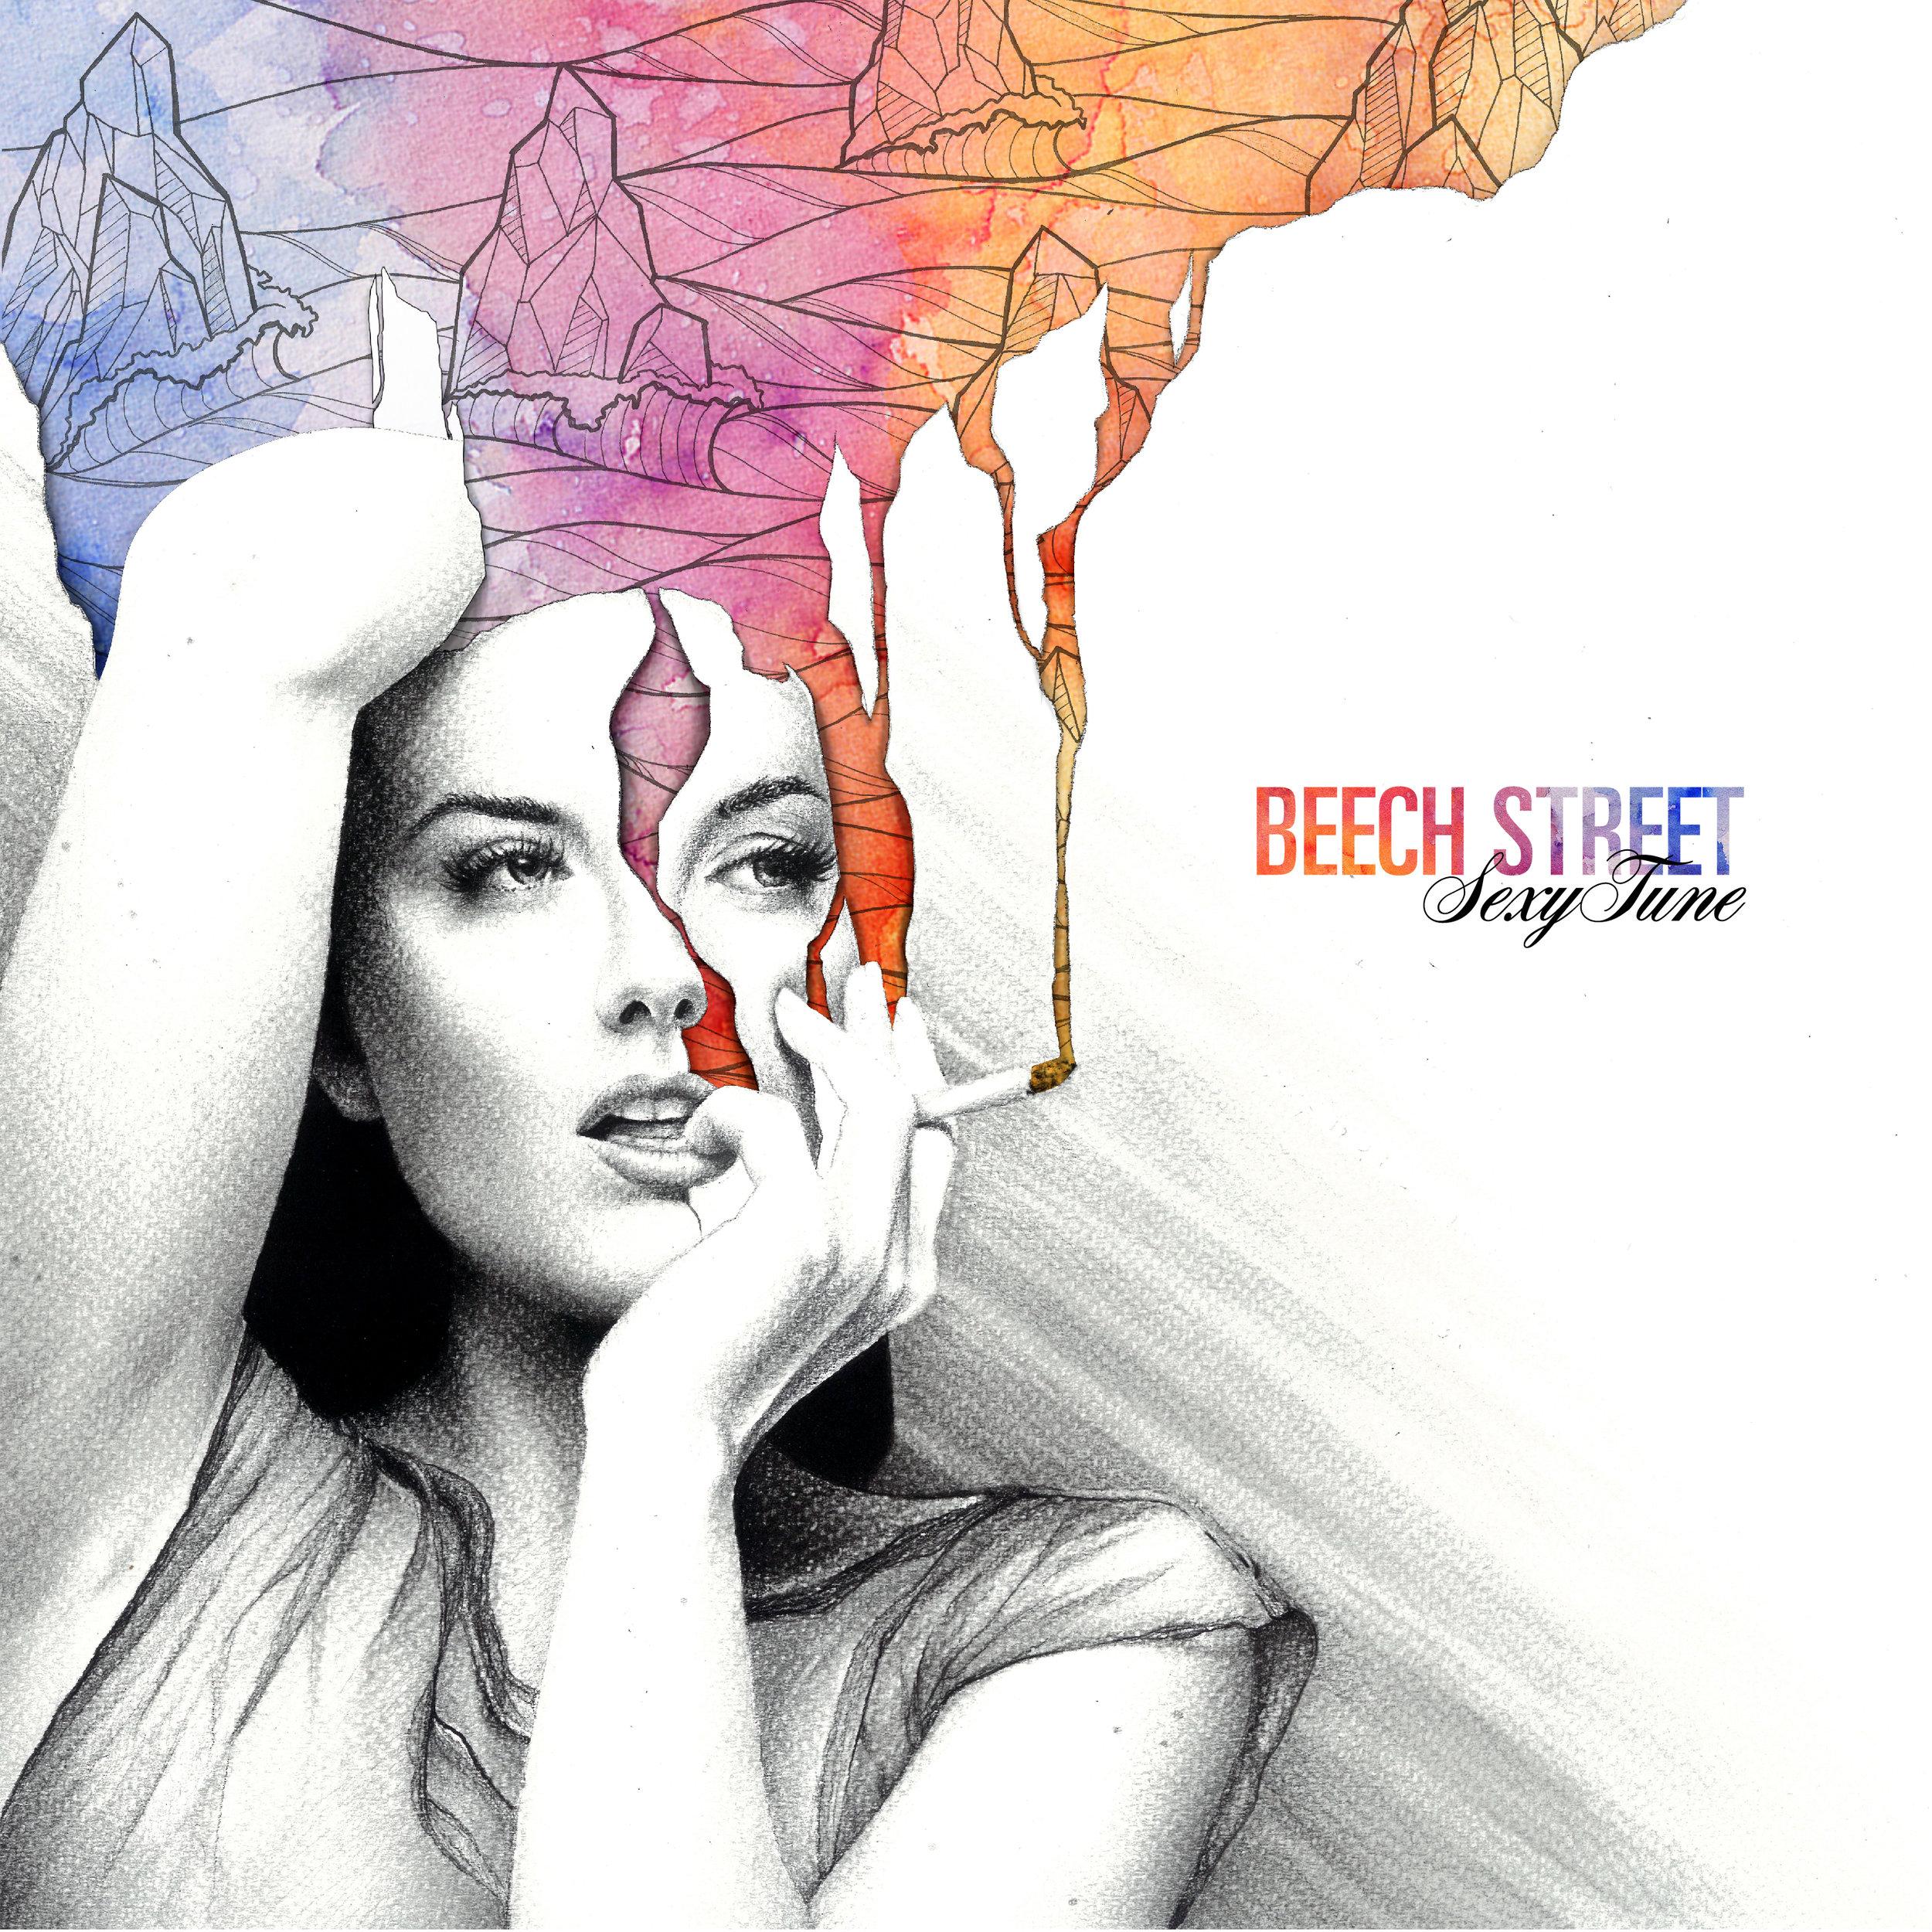 BEECH STREET ALBUM ART